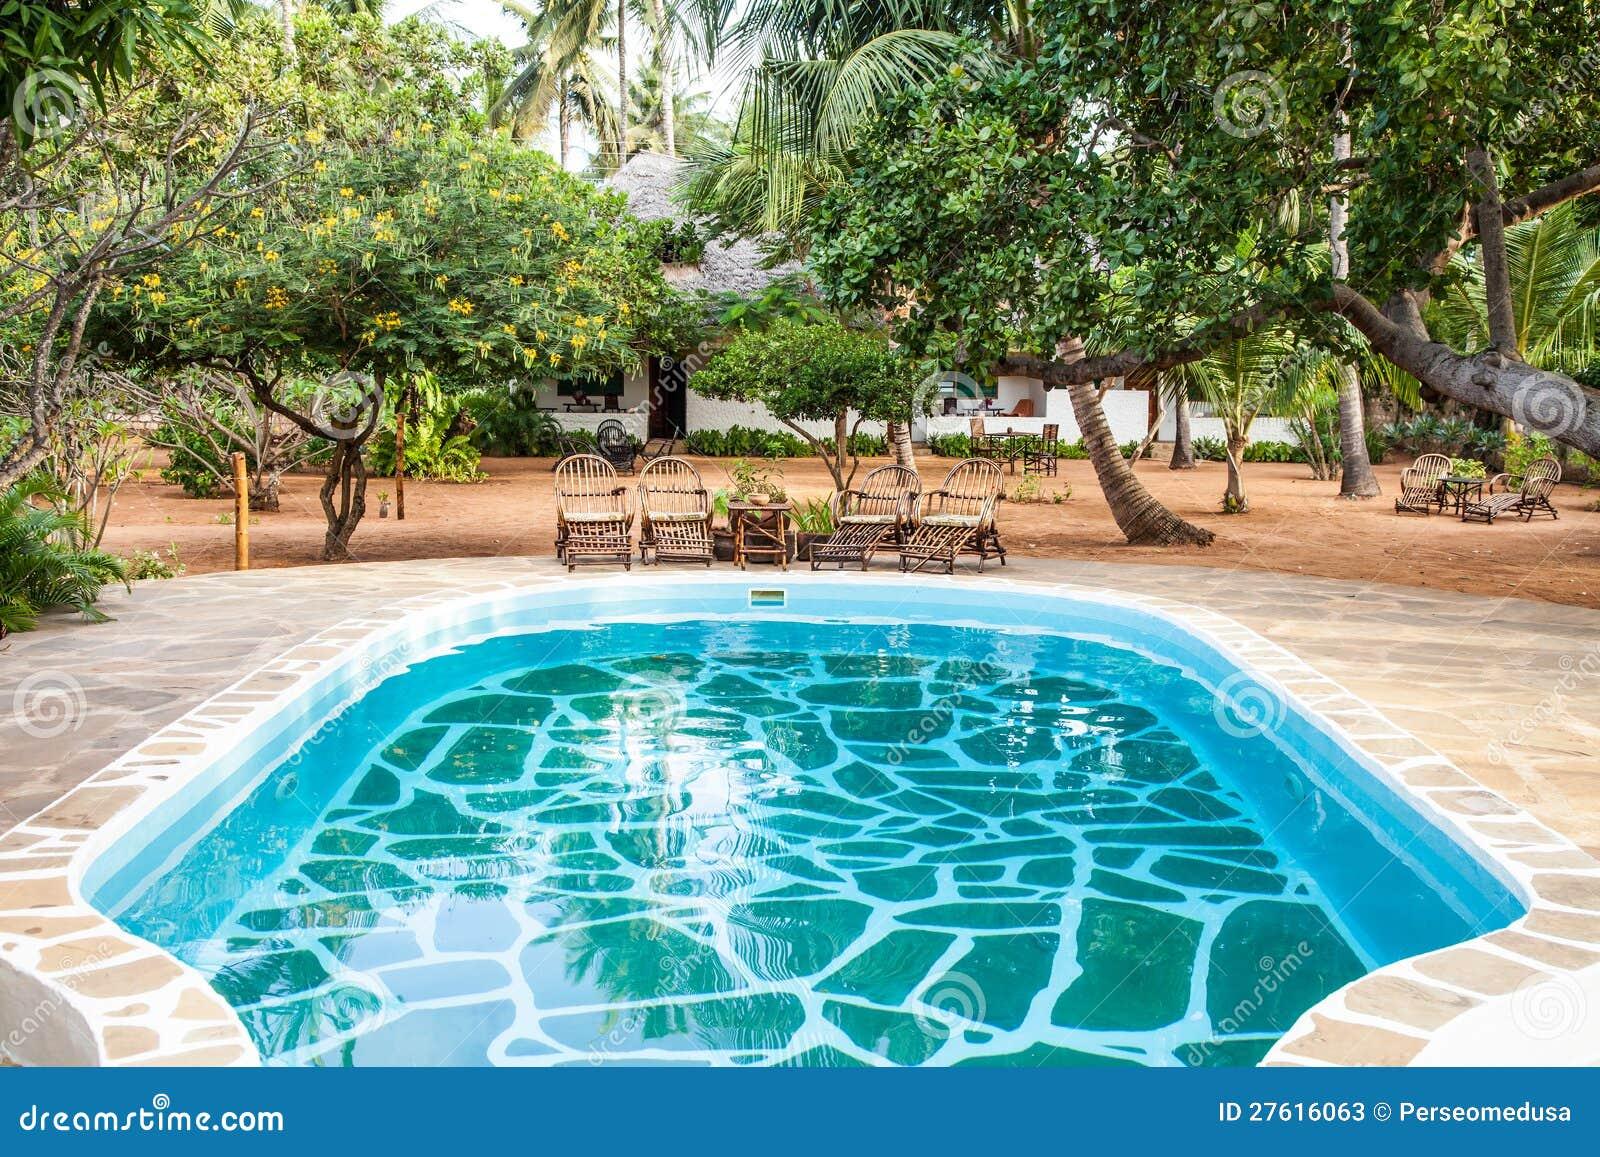 Zwembad in afrikaanse tuin stock afbeelding afbeelding bestaande uit tranquil 27616063 - Outs zwembad in de tuin ...